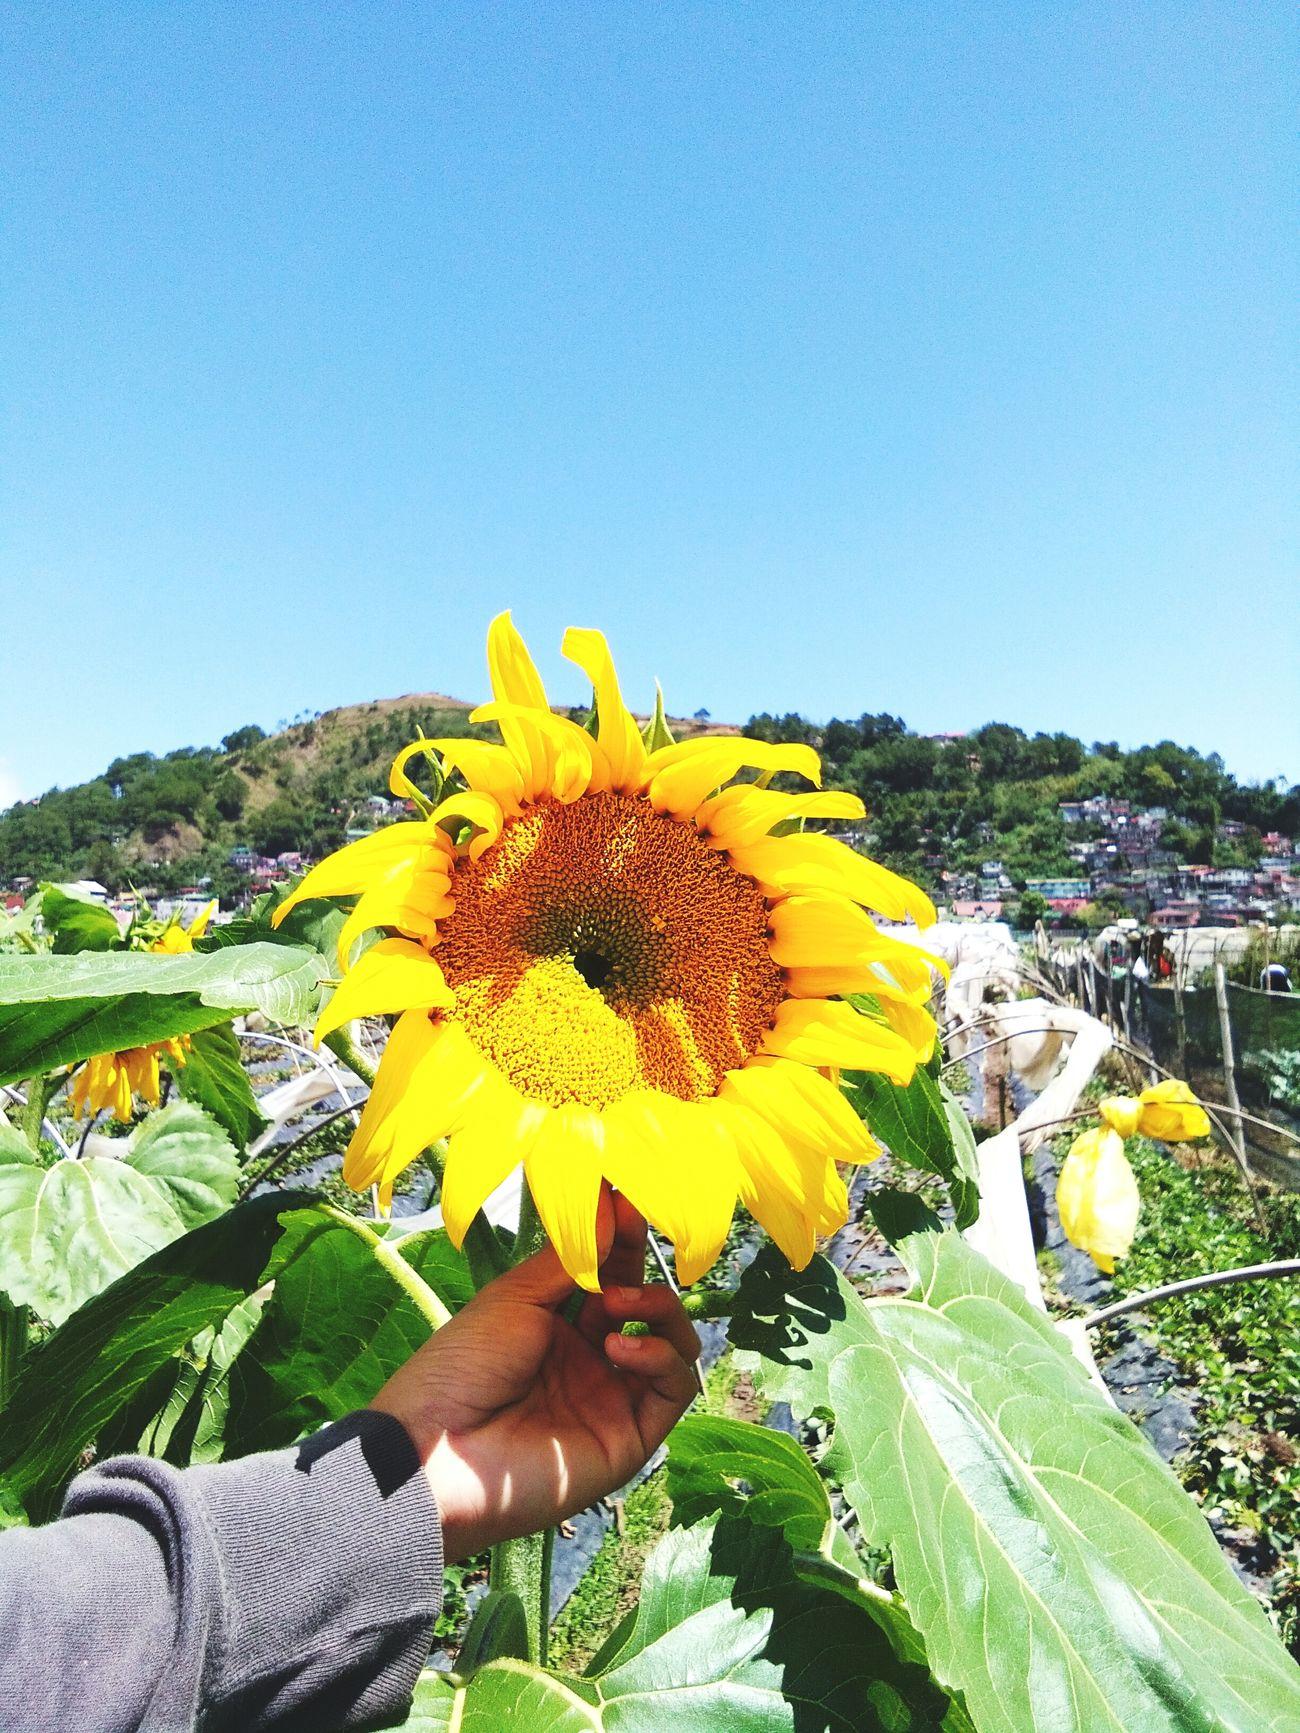 Sunnyday Sunflower Flower Sky Greenfield Green Summer Strawberryfield